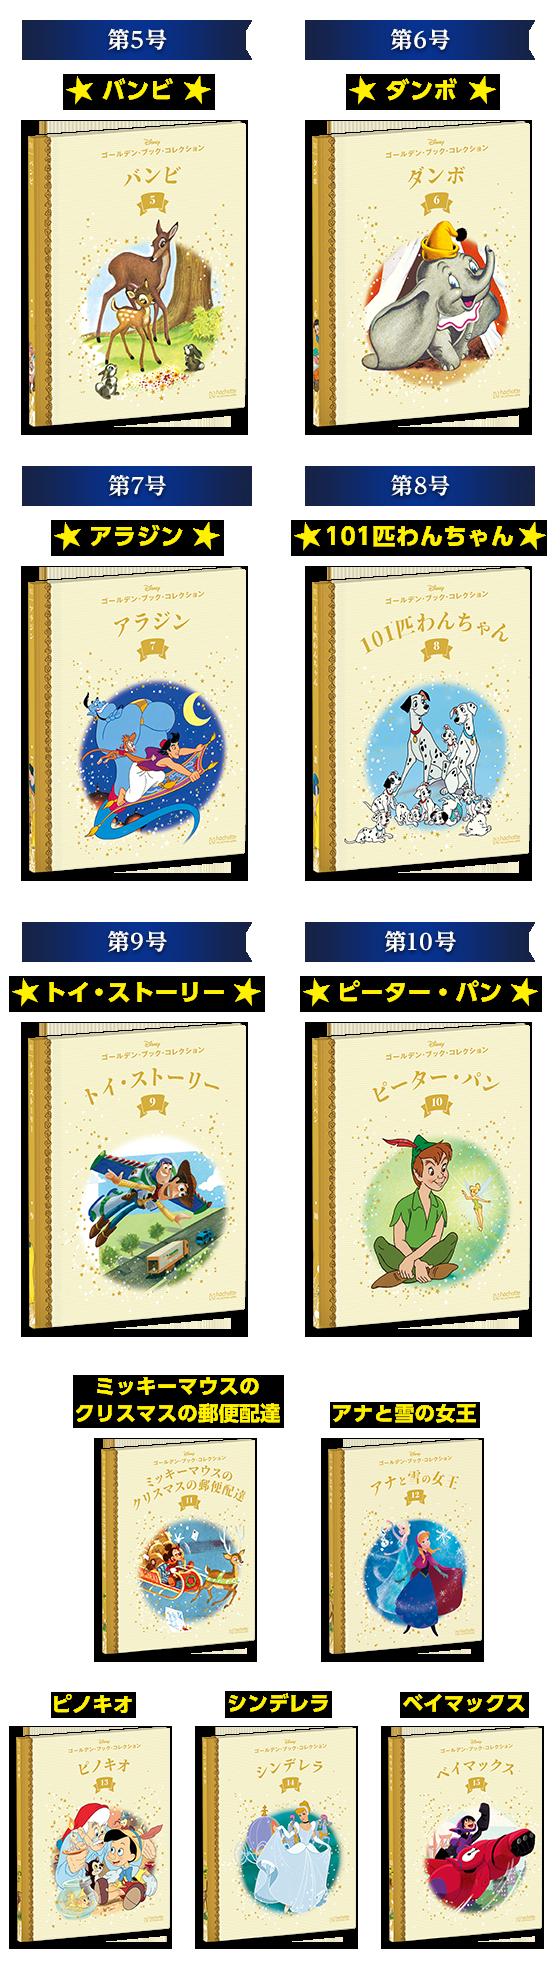 第5号バンビ 第6号ダンボ 第7号アラジン 第8号101匹わんちゃん 第9号トイ・ストーリー 第10号ピーター・パン ミッキーマウスのクリスマスの郵便配達 アナと雪の女王 ピノキオ シンデレラ ベイマックス